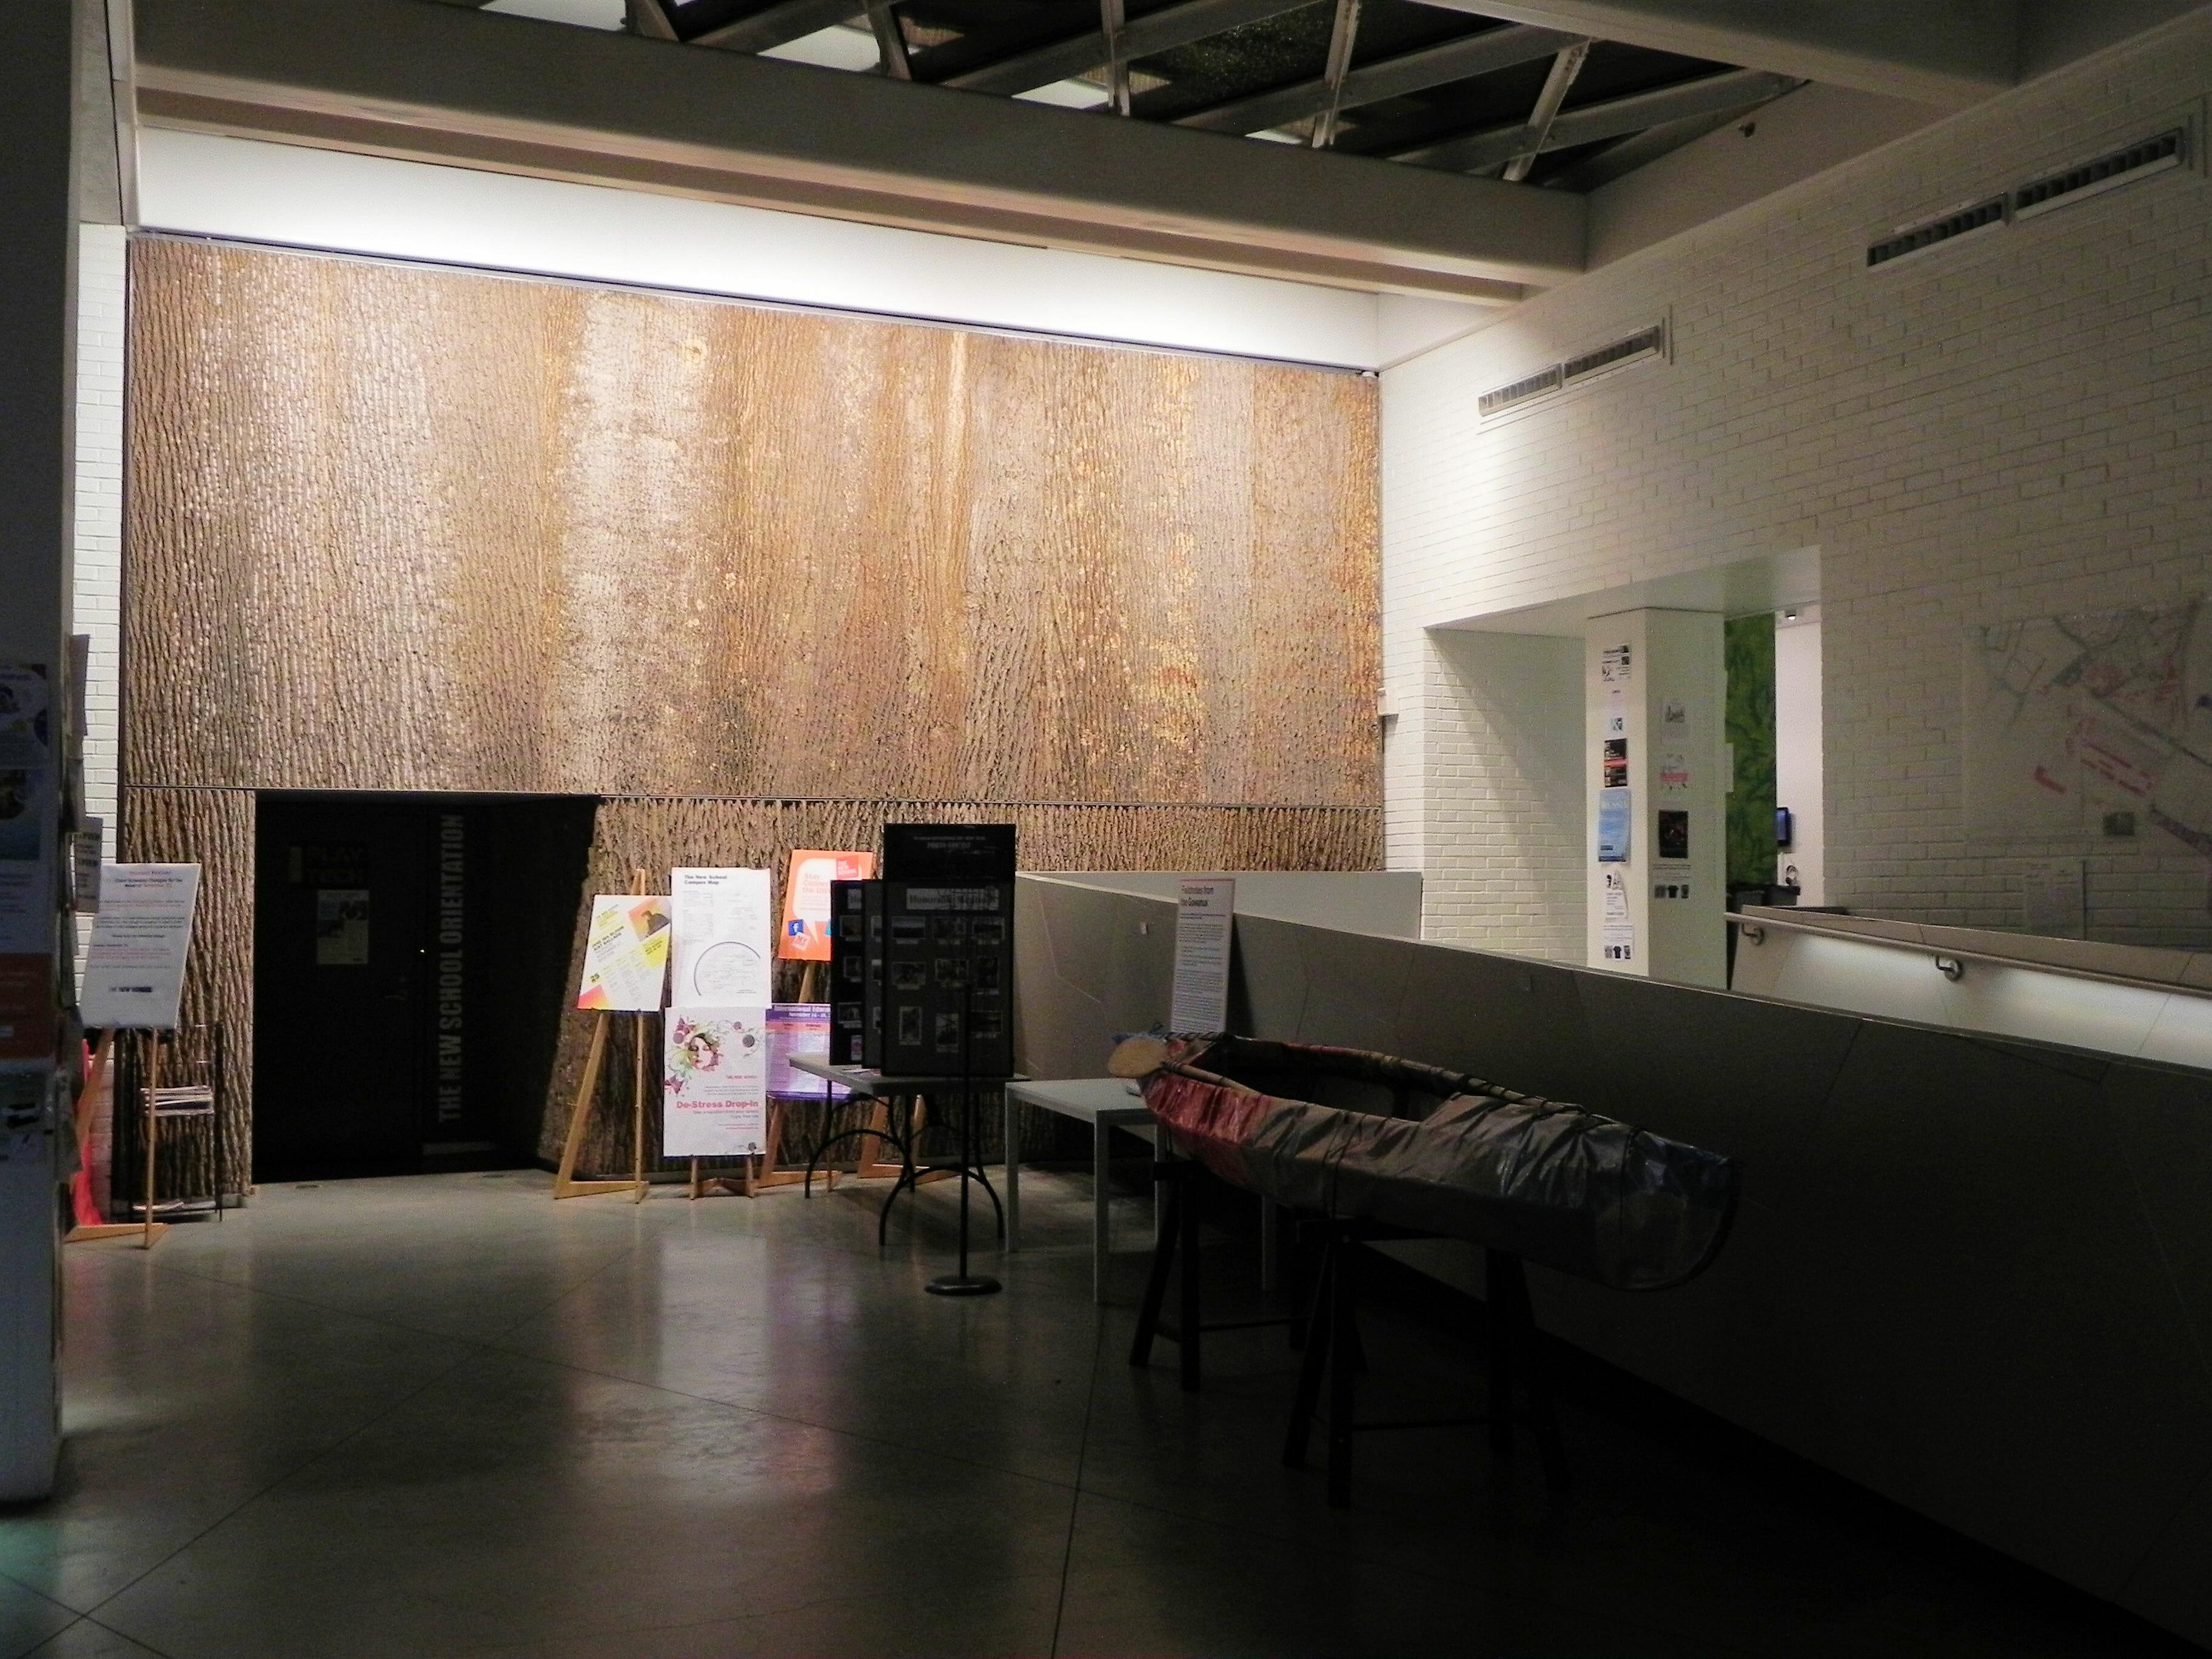 Poplar Bark Wallcovering Panels In Parsonsu0027 School Of Design ...